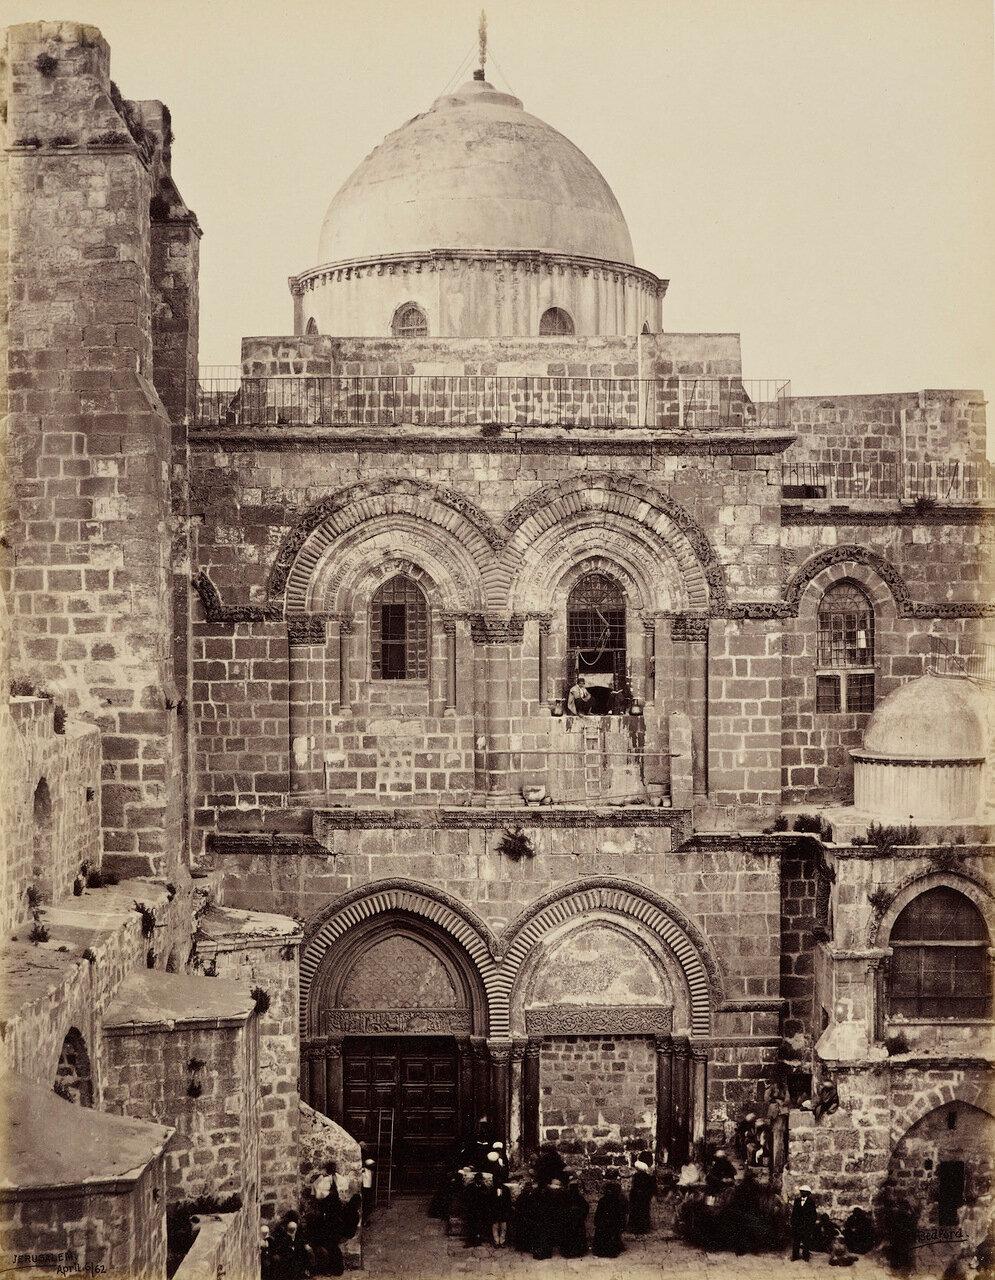 6 апреля 1862. Храм Гроба Господня. Иерусалим